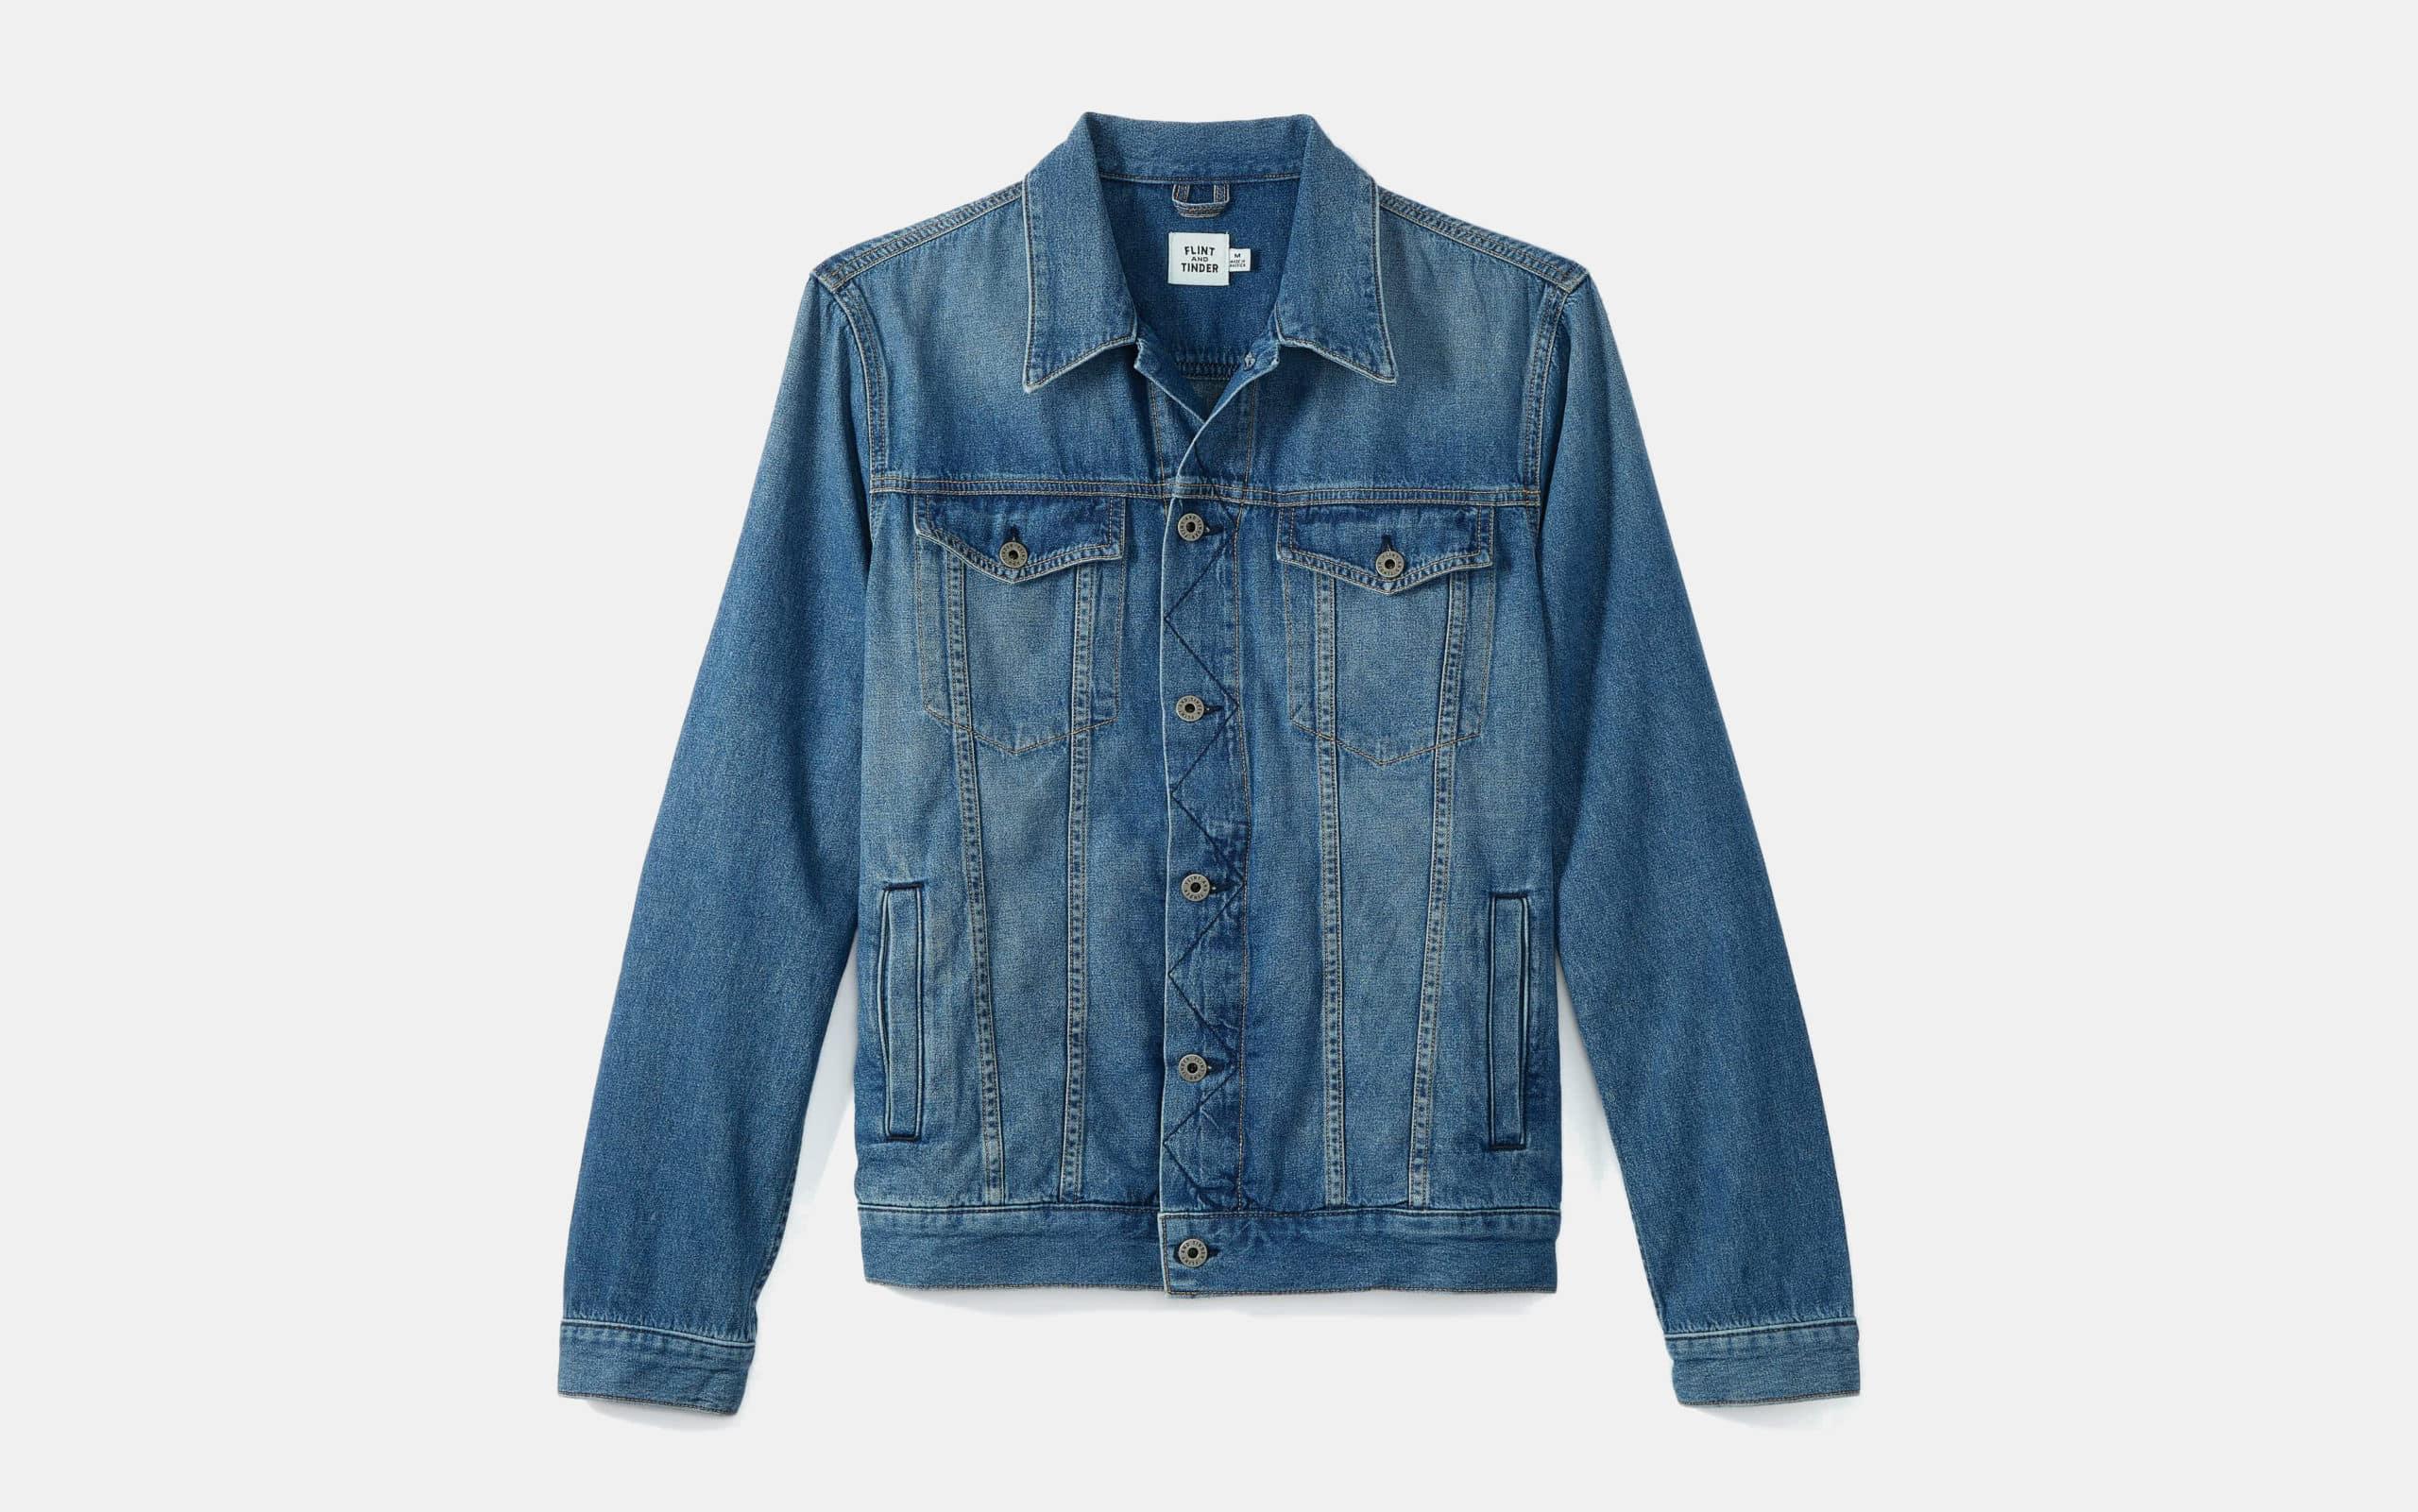 Flint and Tinder Light Wash Denim Jacket